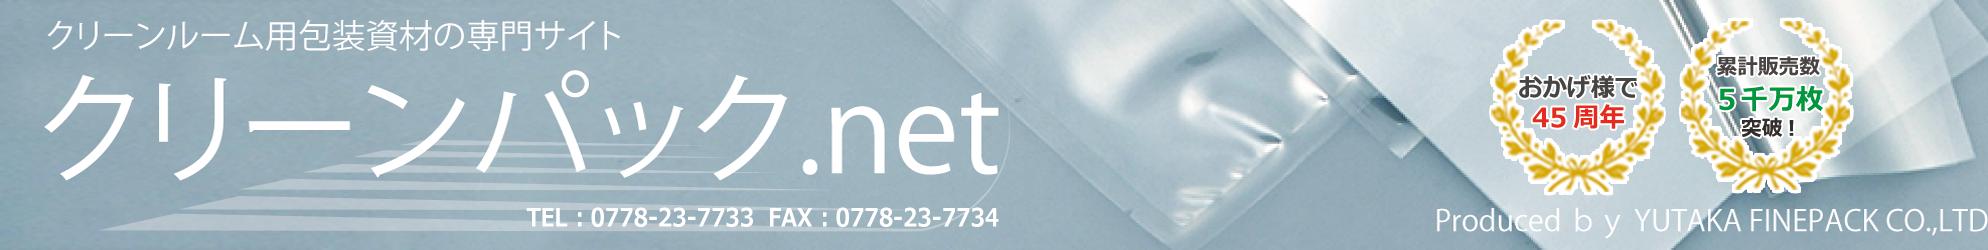 クリーンパック.net